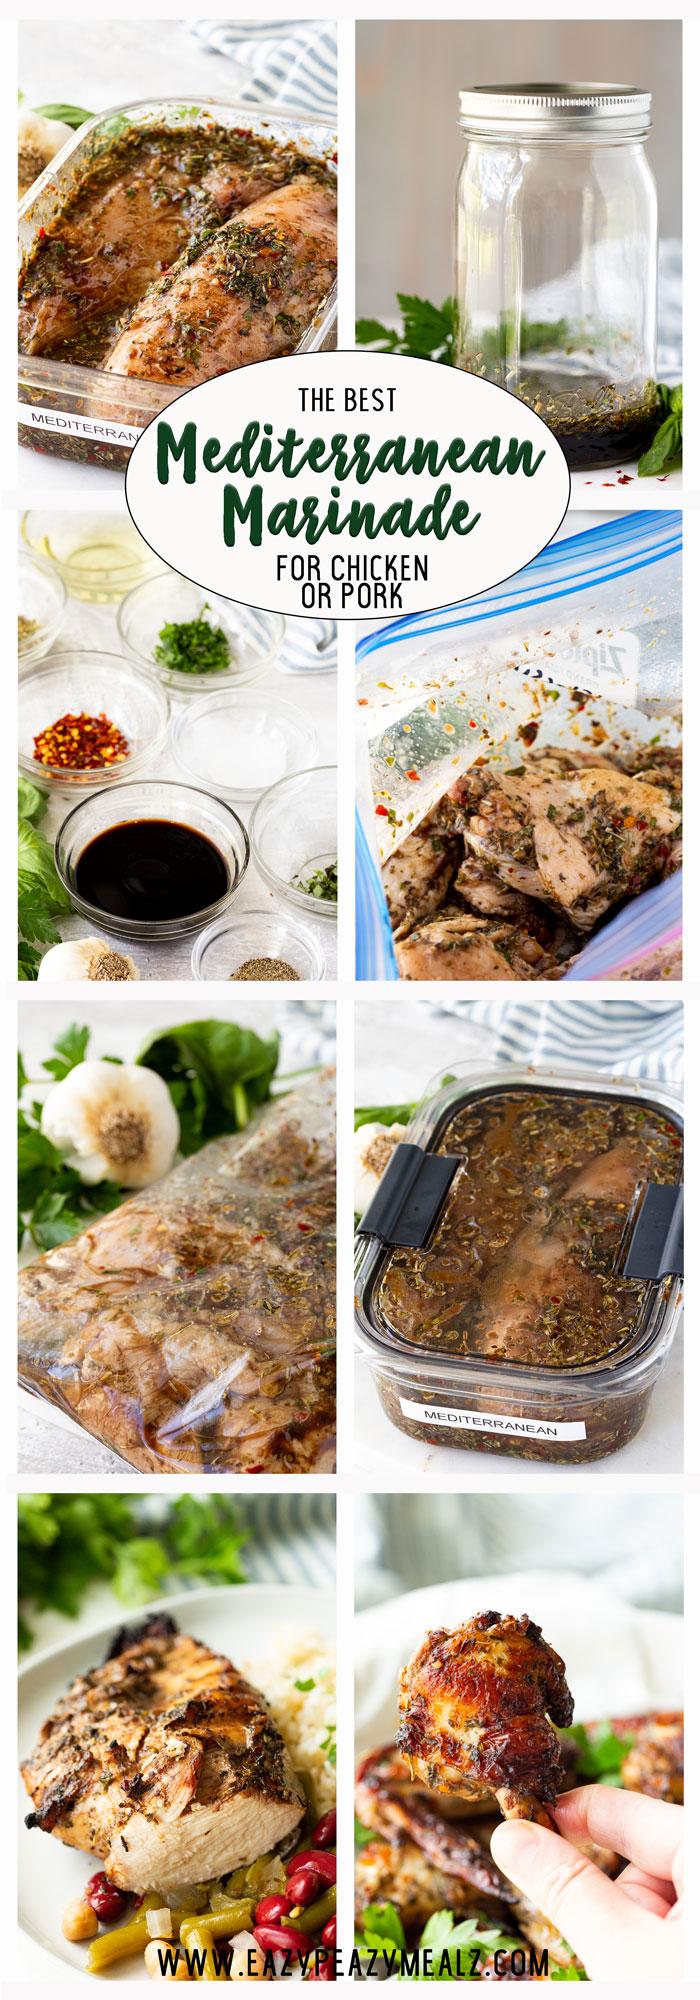 Mediterranean marinade for chicken or pork.